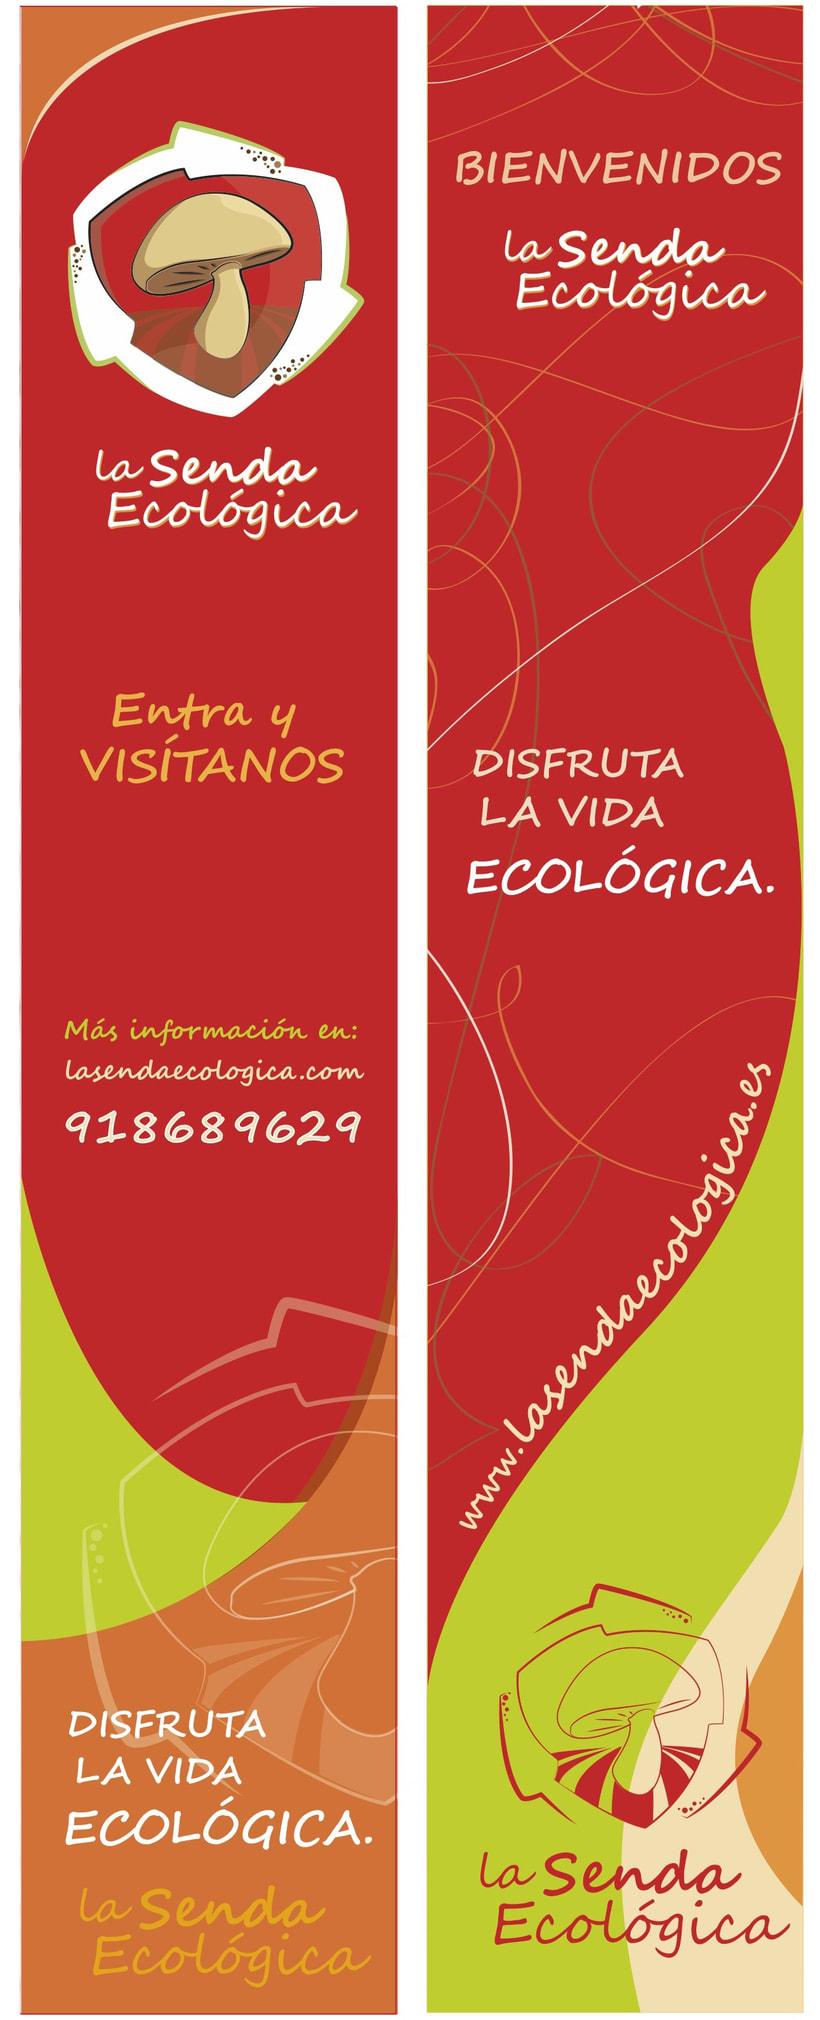 Asociación de alimentación ecológica. 5